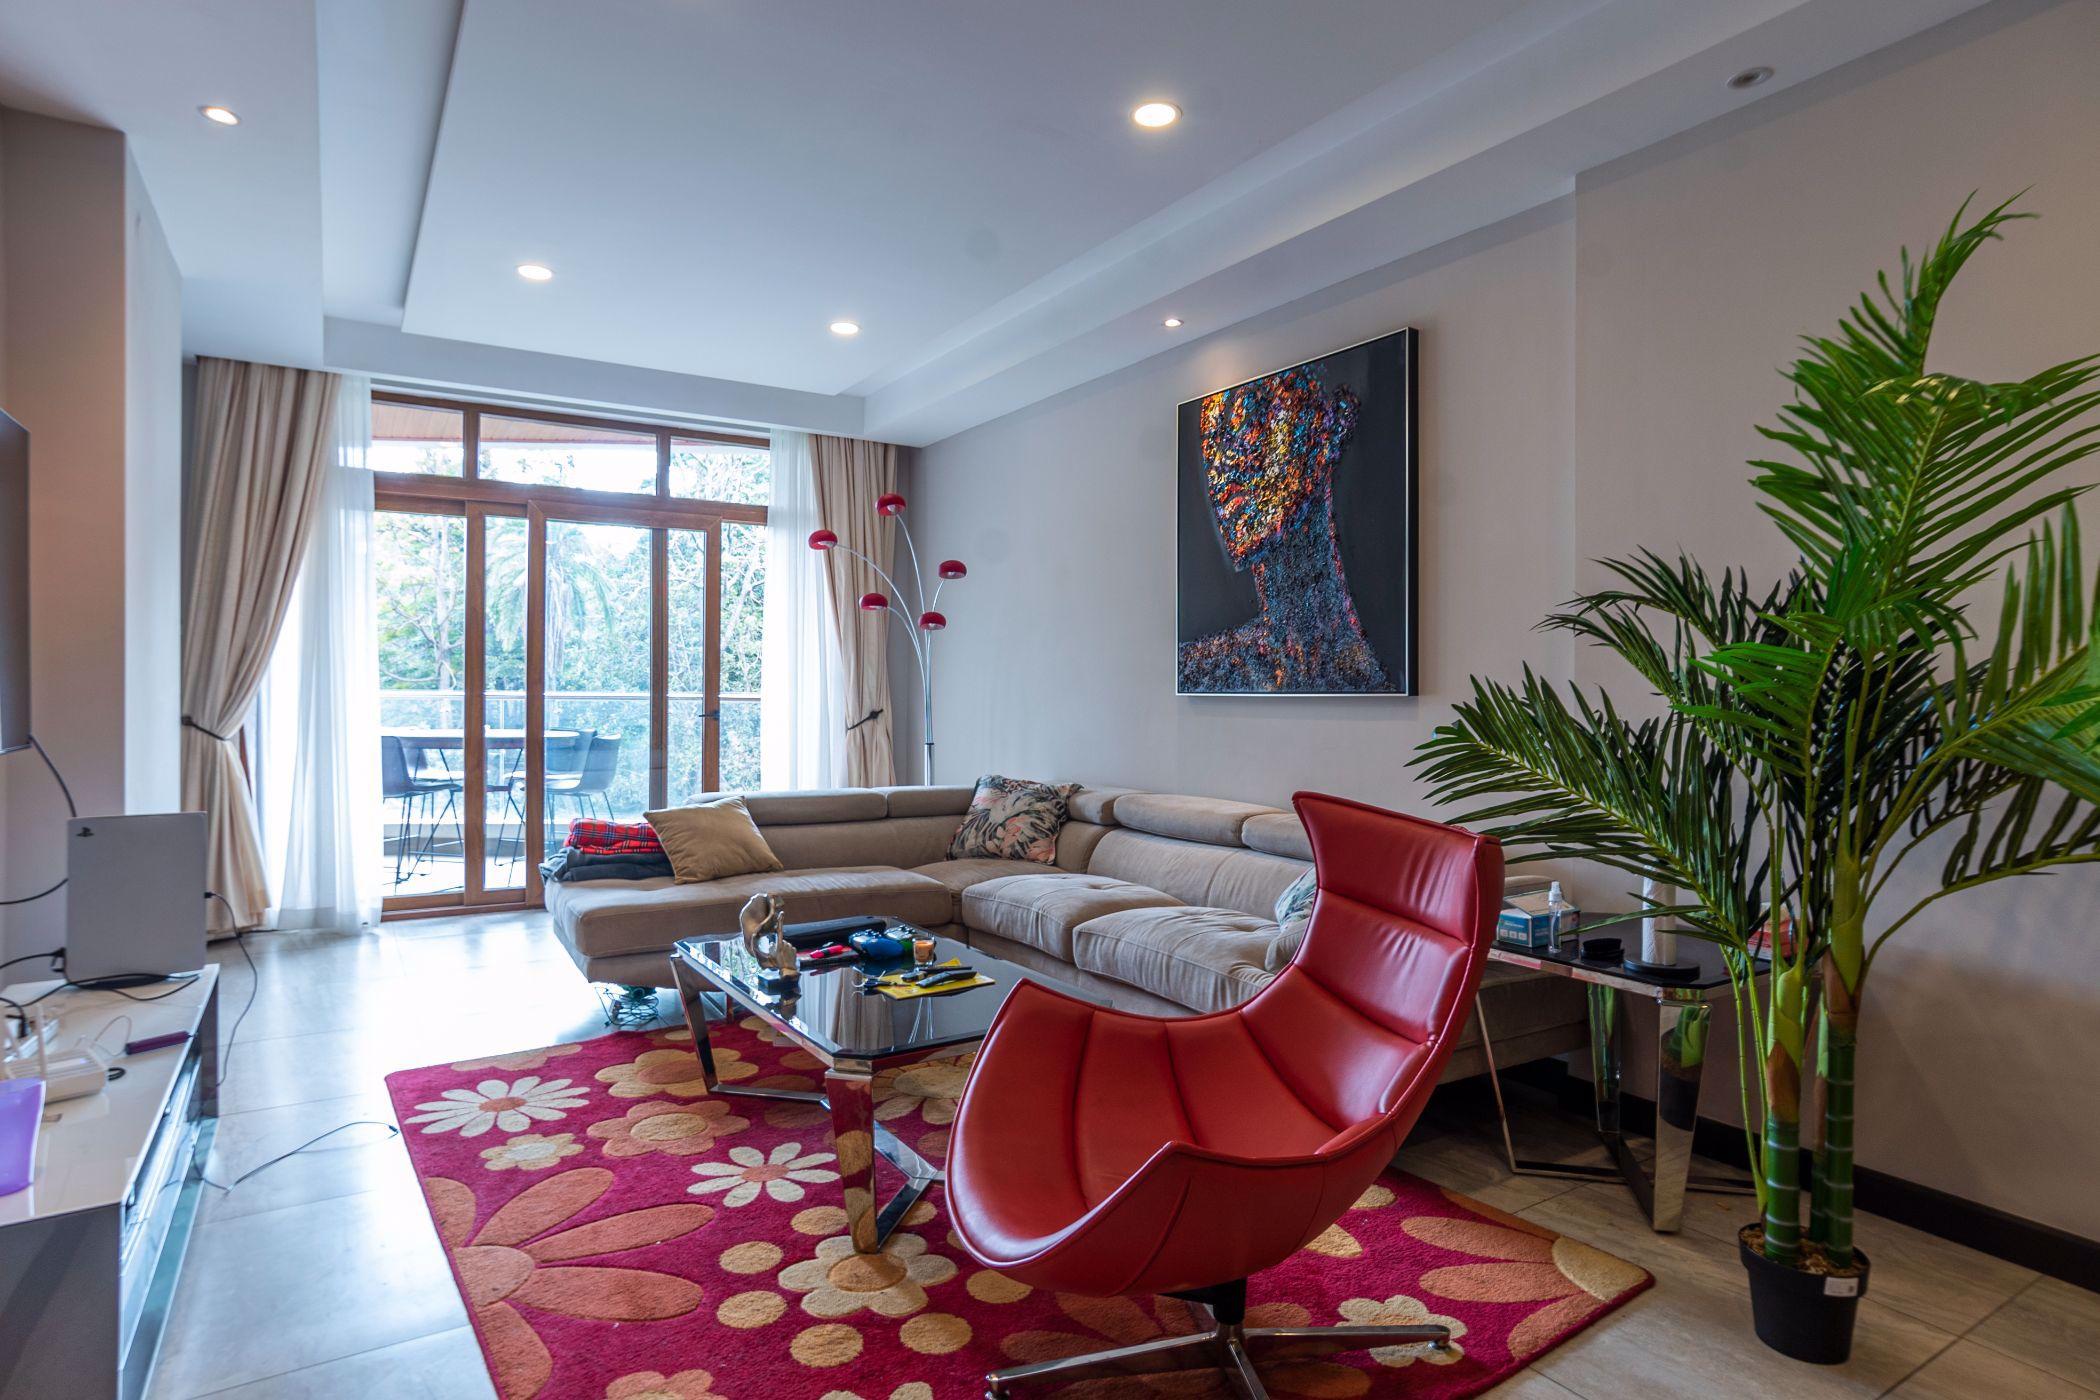 2 bedroom apartment to rent in Westlands (Kenya)